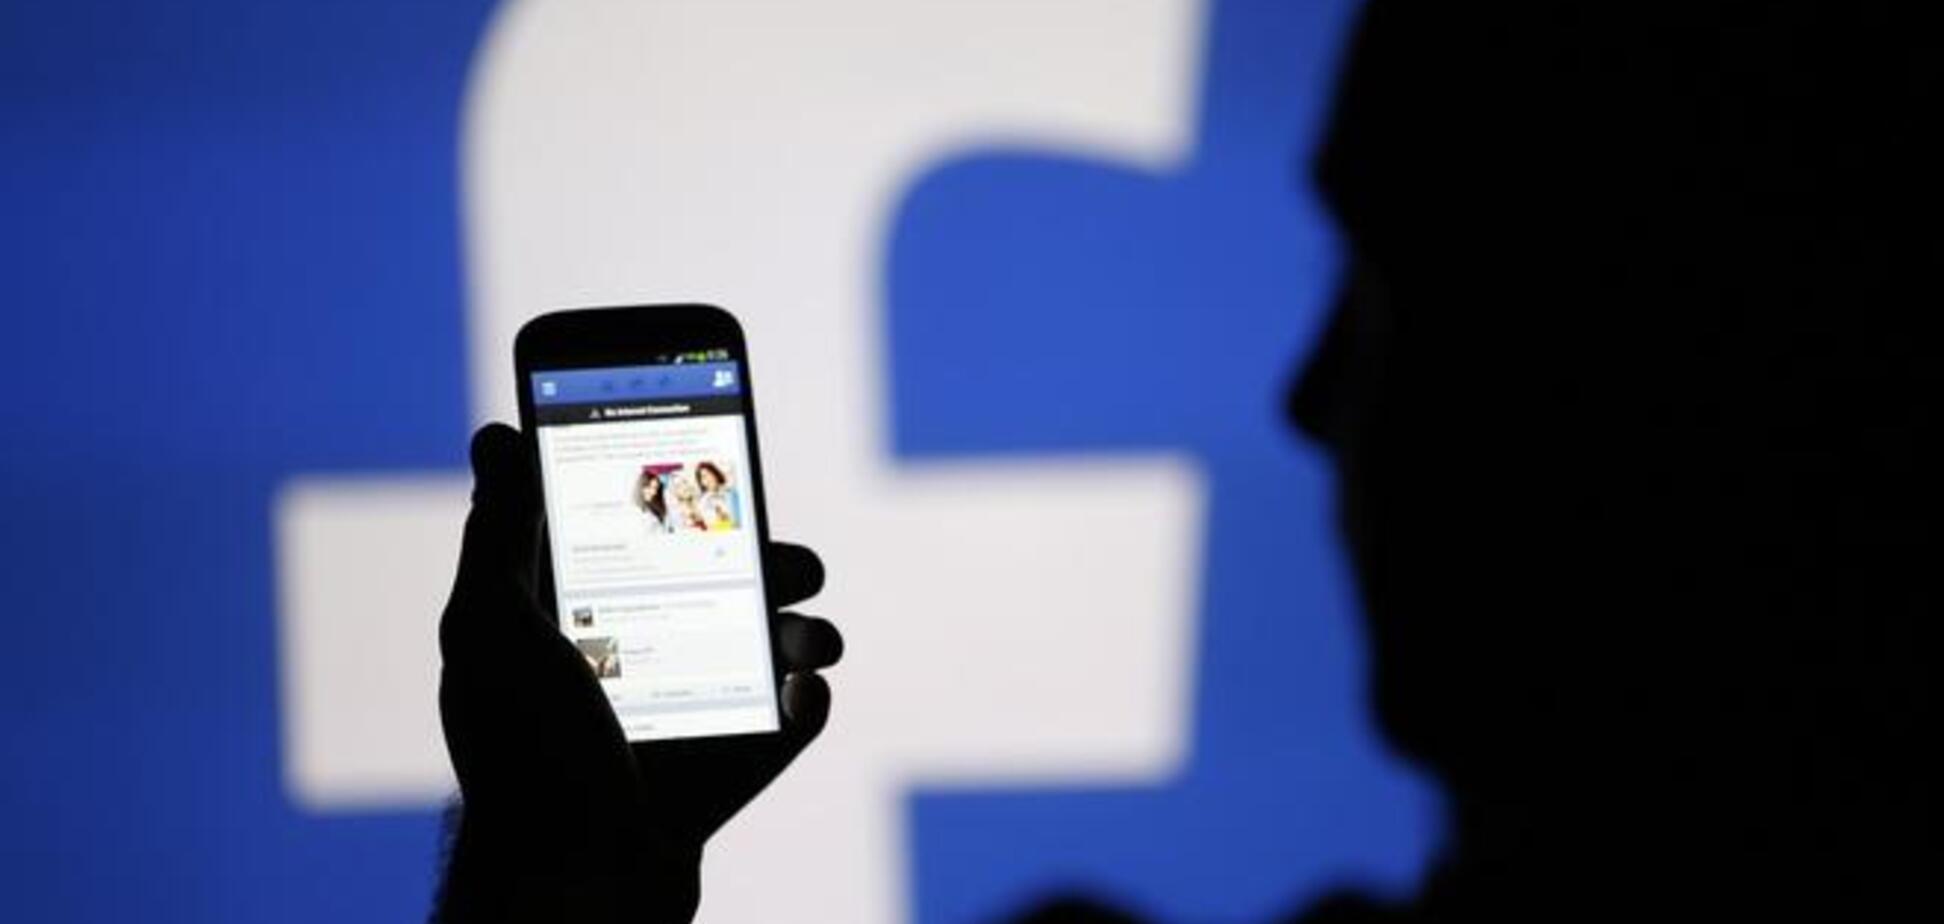 СБУ возбудила дело против пользователя Facebook за призывы к свержению госвласти